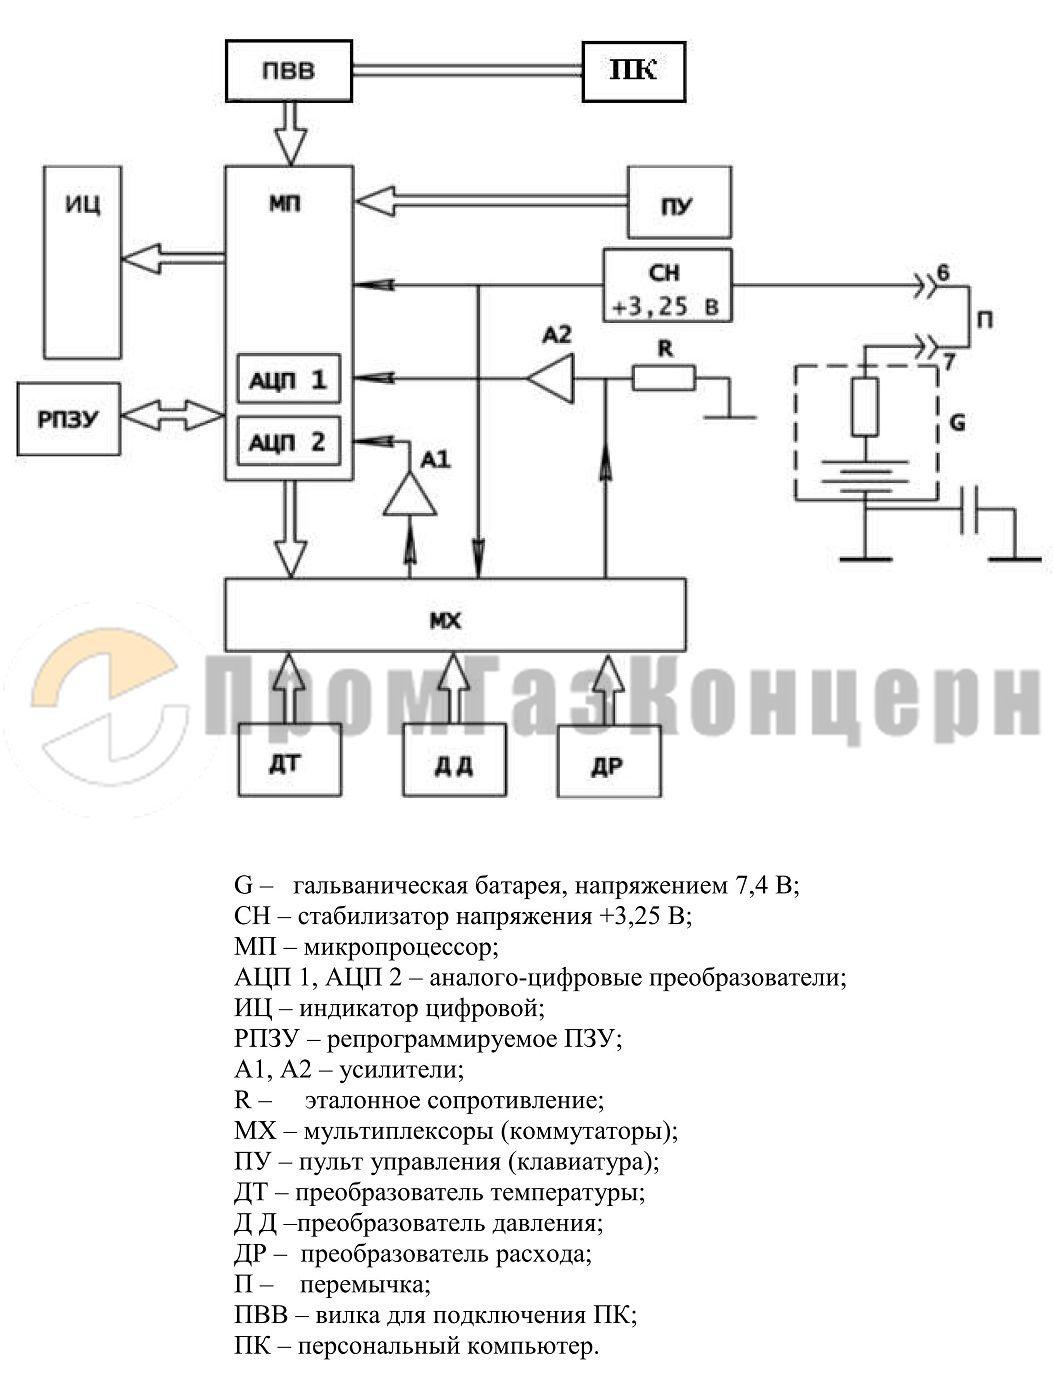 Схема подключения корректора тс220